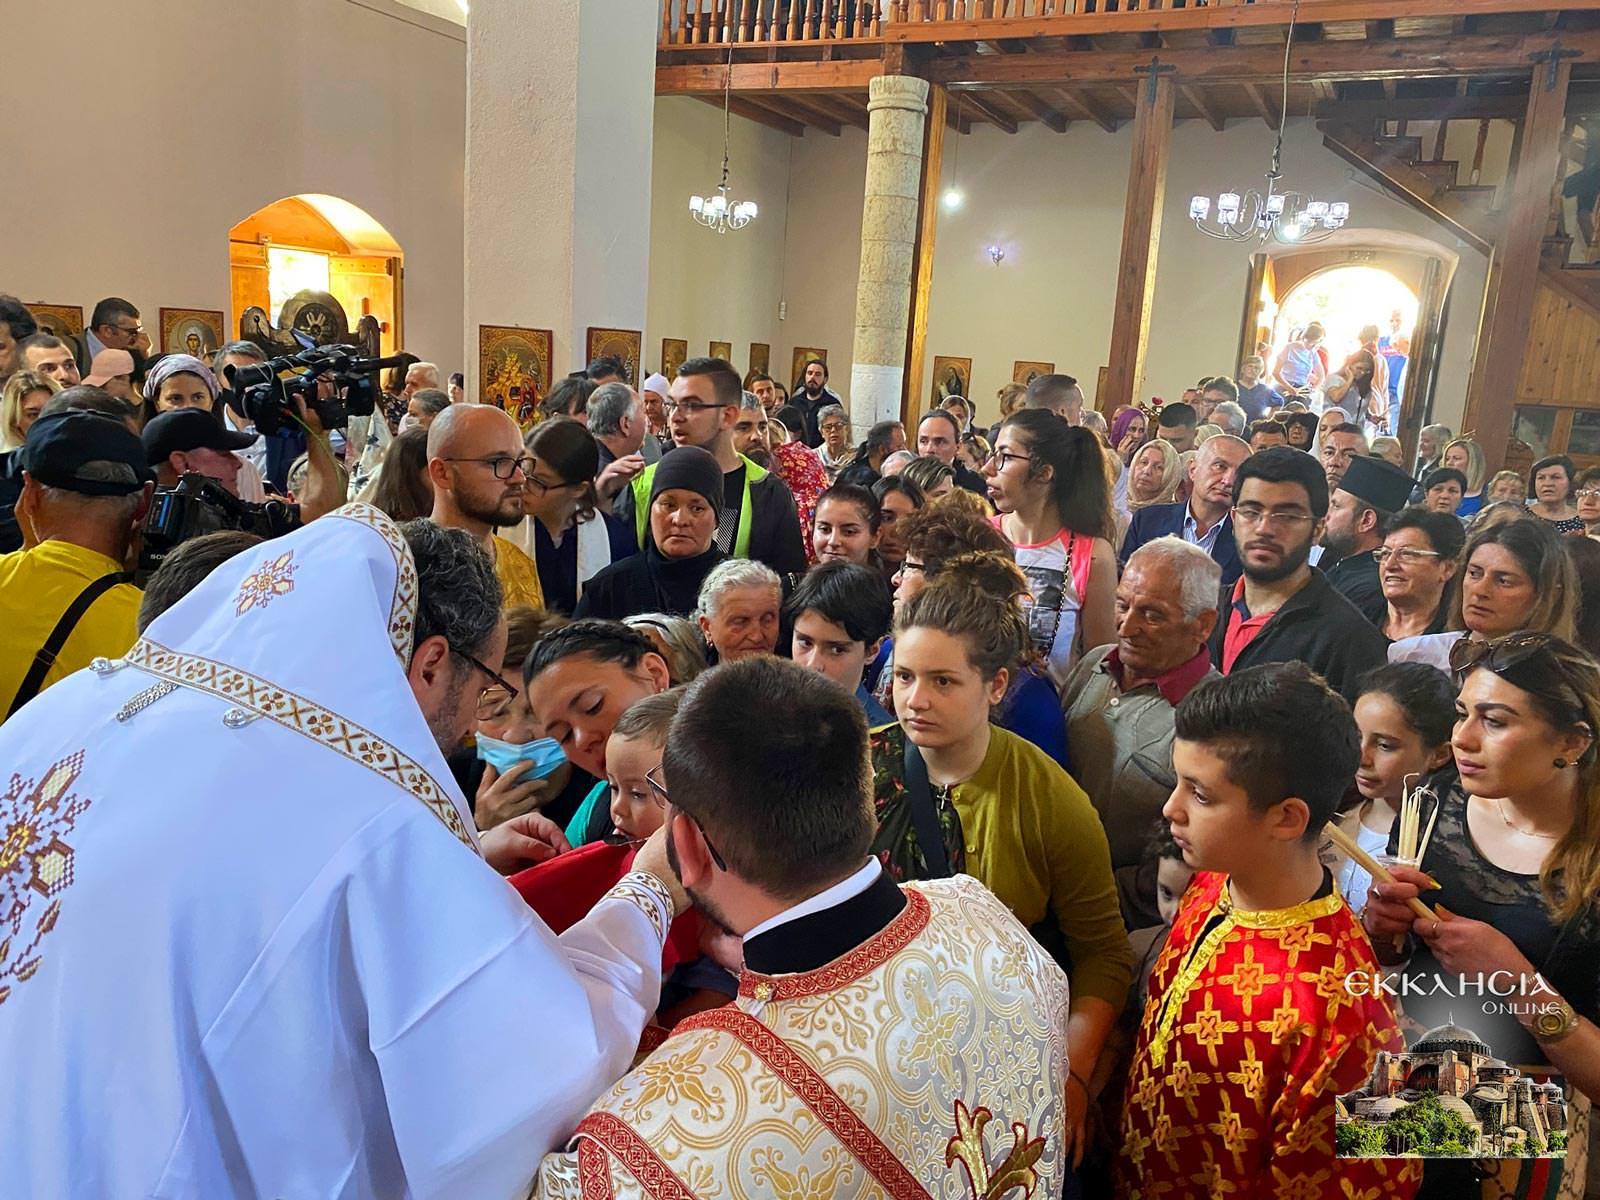 Γιορτή Οσίου Ιωάννου του Βλαδιμήρου